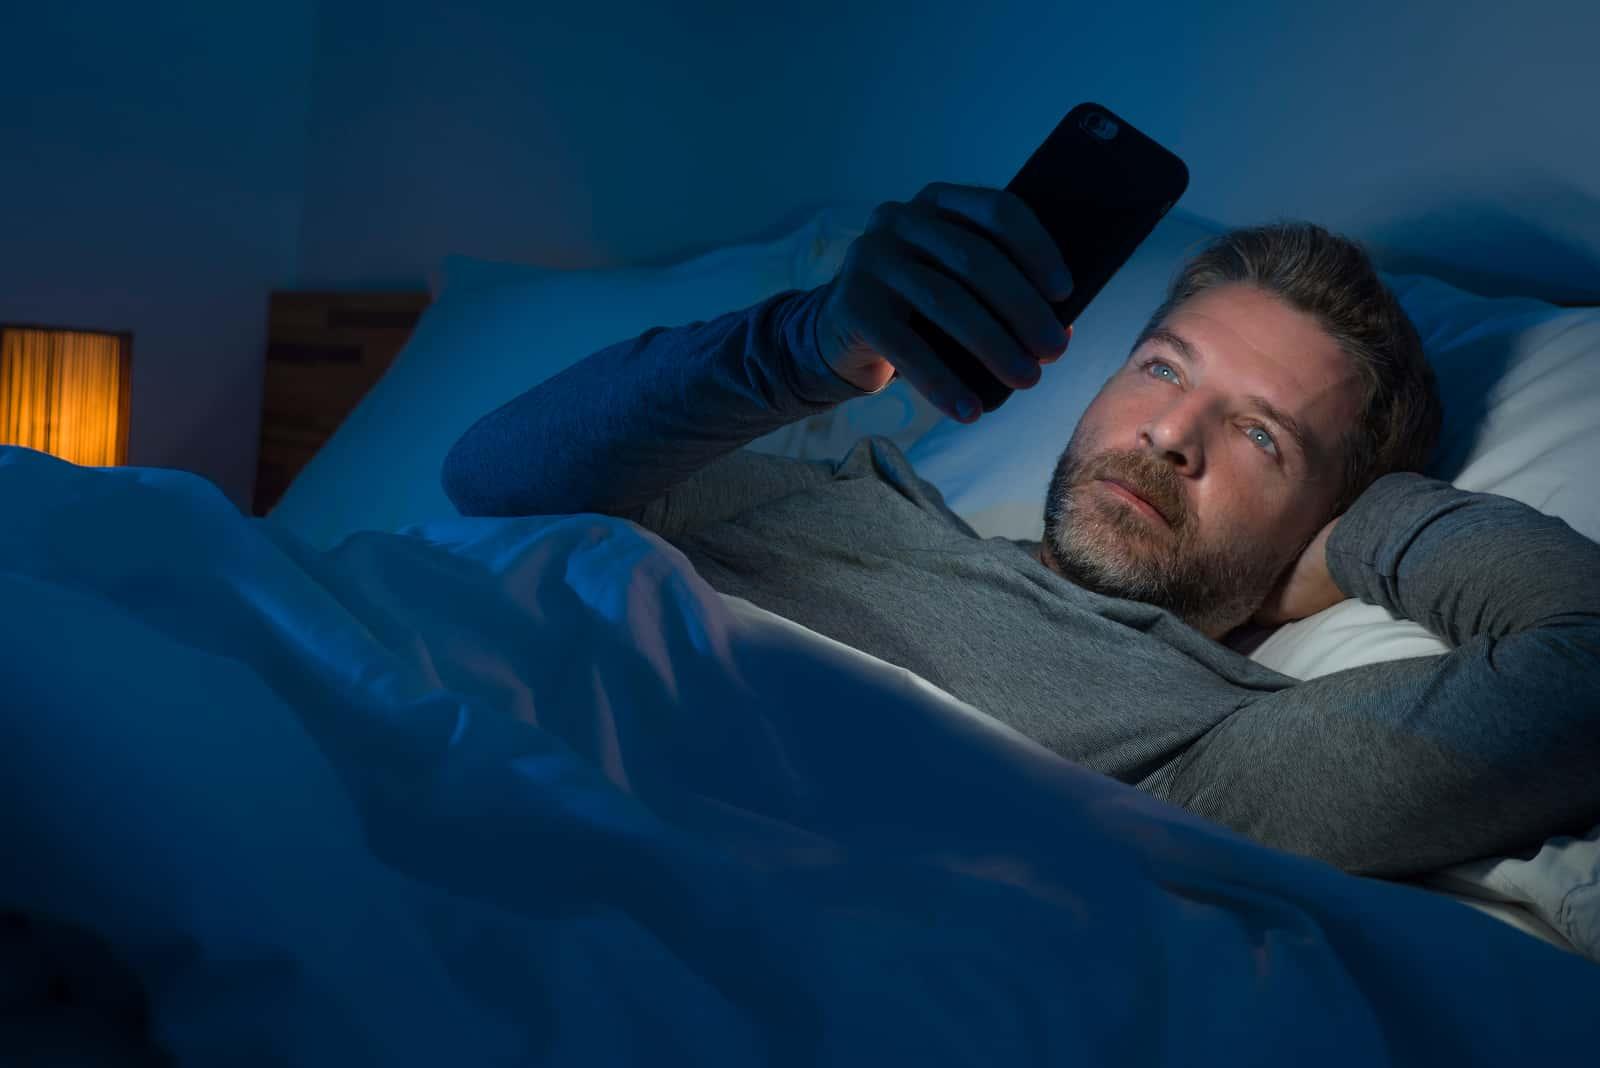 l'homme est allongé dans son lit et tient un téléphone à la main